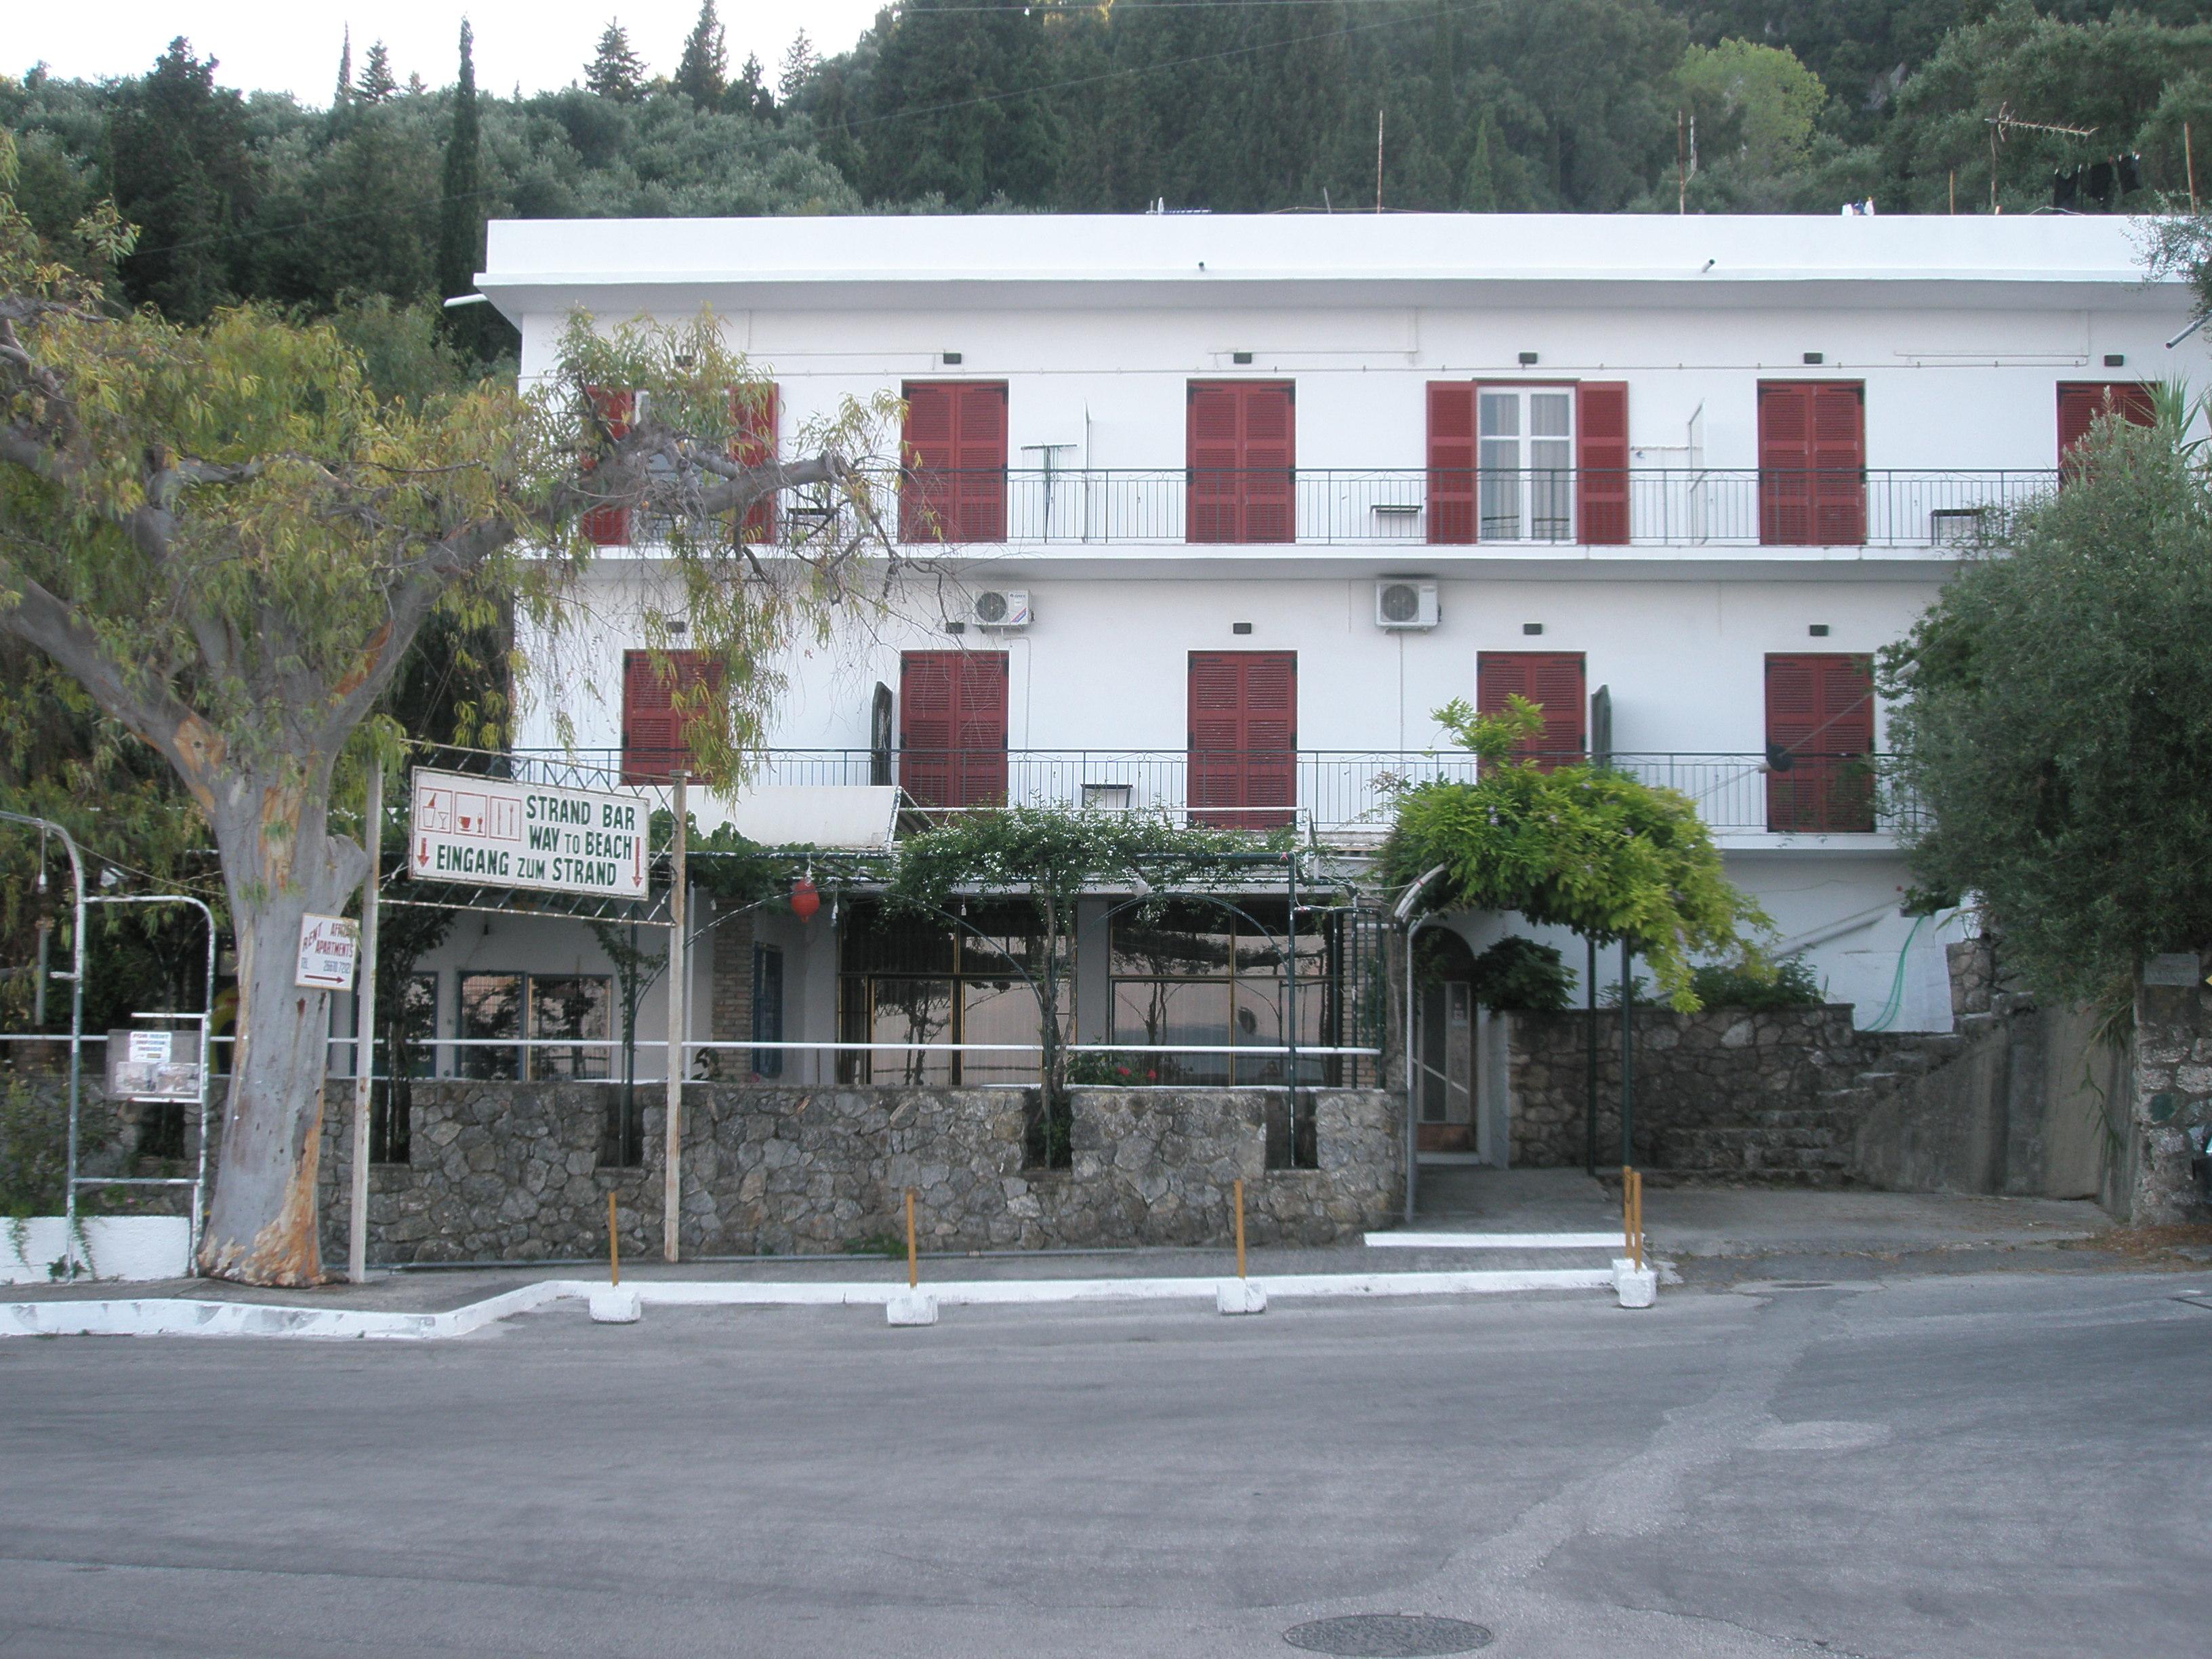 Appartement de vacances entspannte Ferien ein paar Schritte vom Meer entfernt (2187693), Moraitika, Corfou, Iles Ioniennes, Grèce, image 5